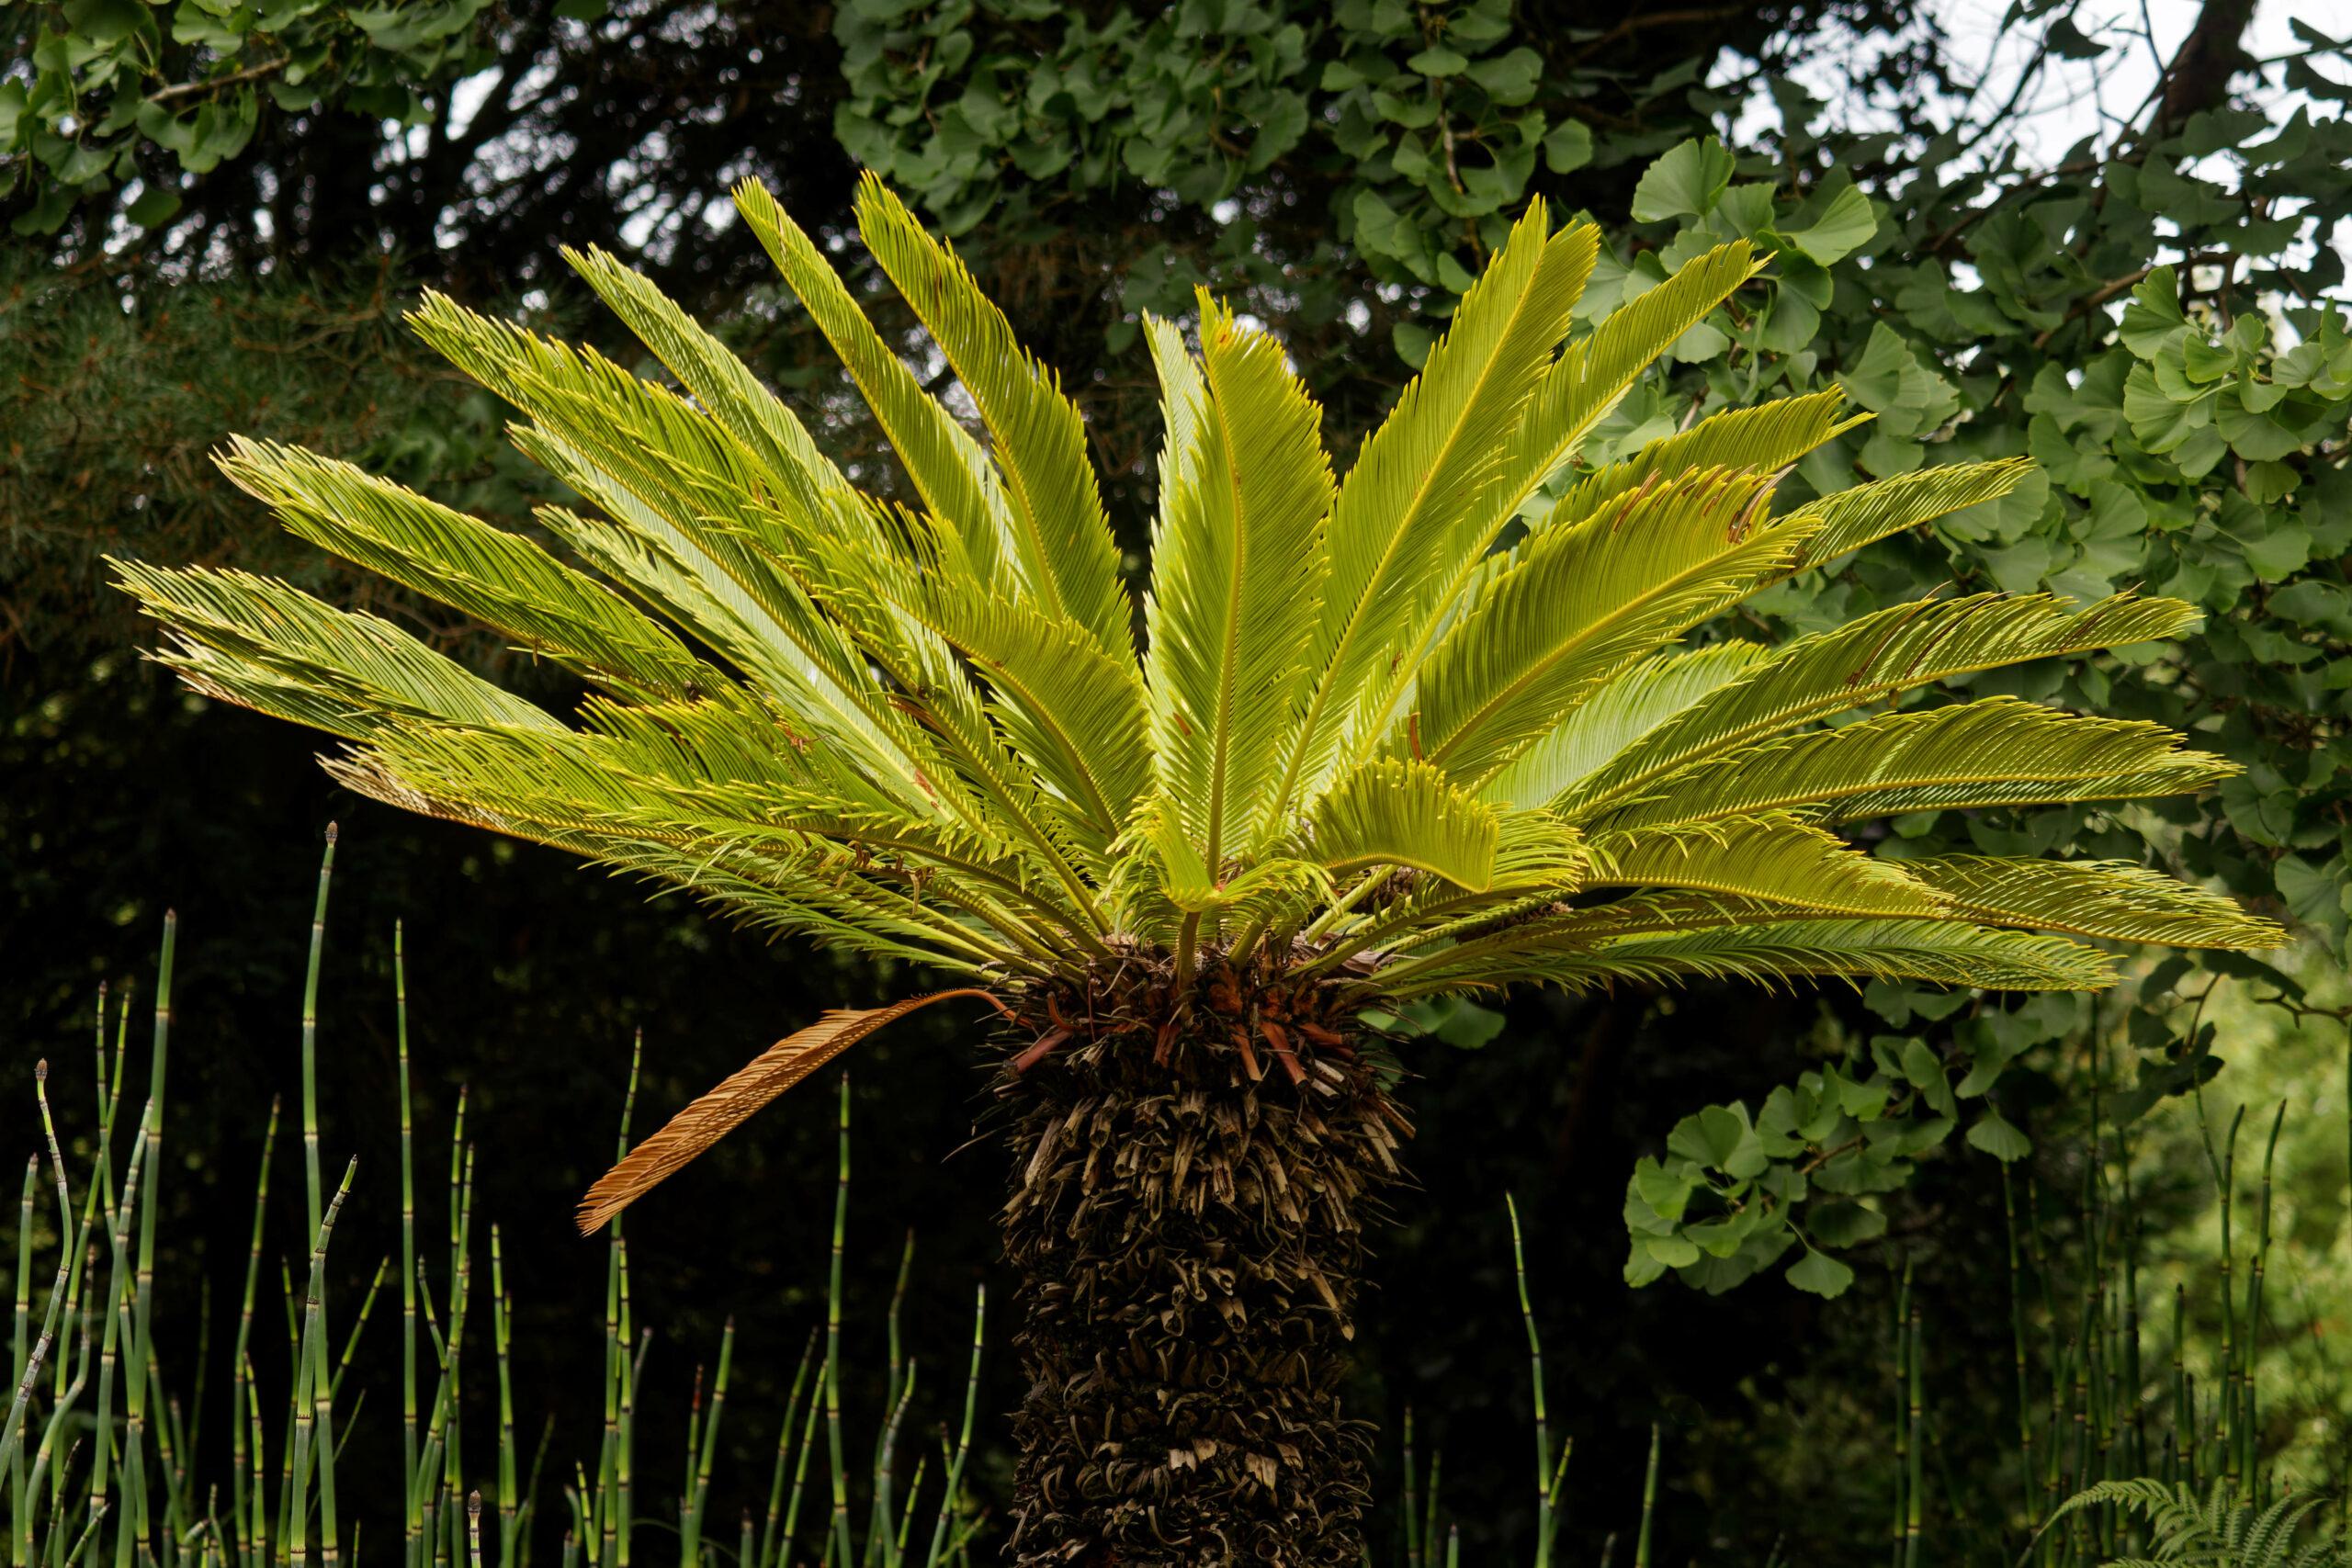 Bodo Jarren- Arboretum Ellerhoop 03.08.2021 - Palme im Norde